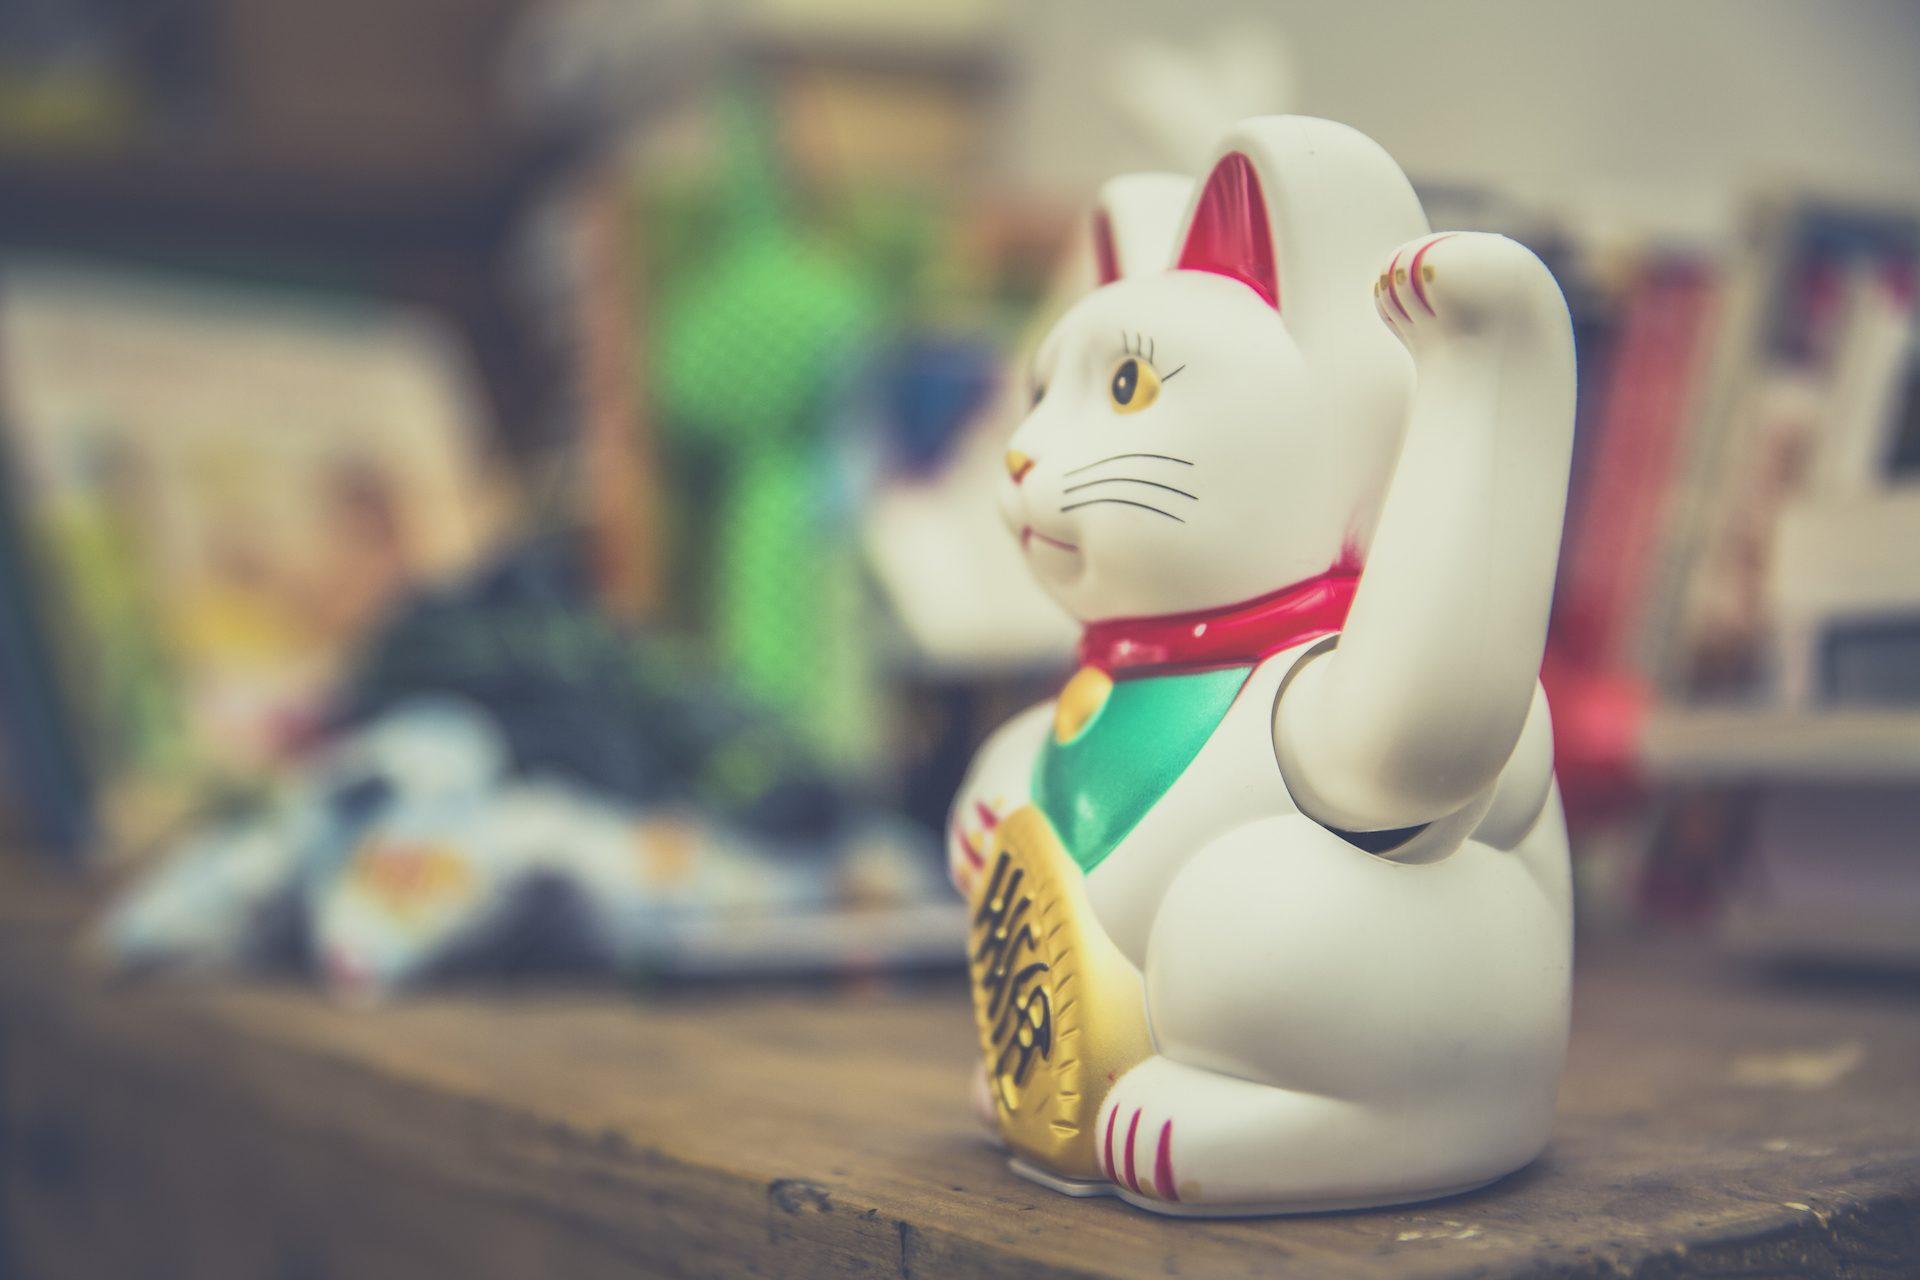 γάτα, Κινεζικά, τύχη, προορισμός, Λευκό - Wallpapers HD - Professor-falken.com